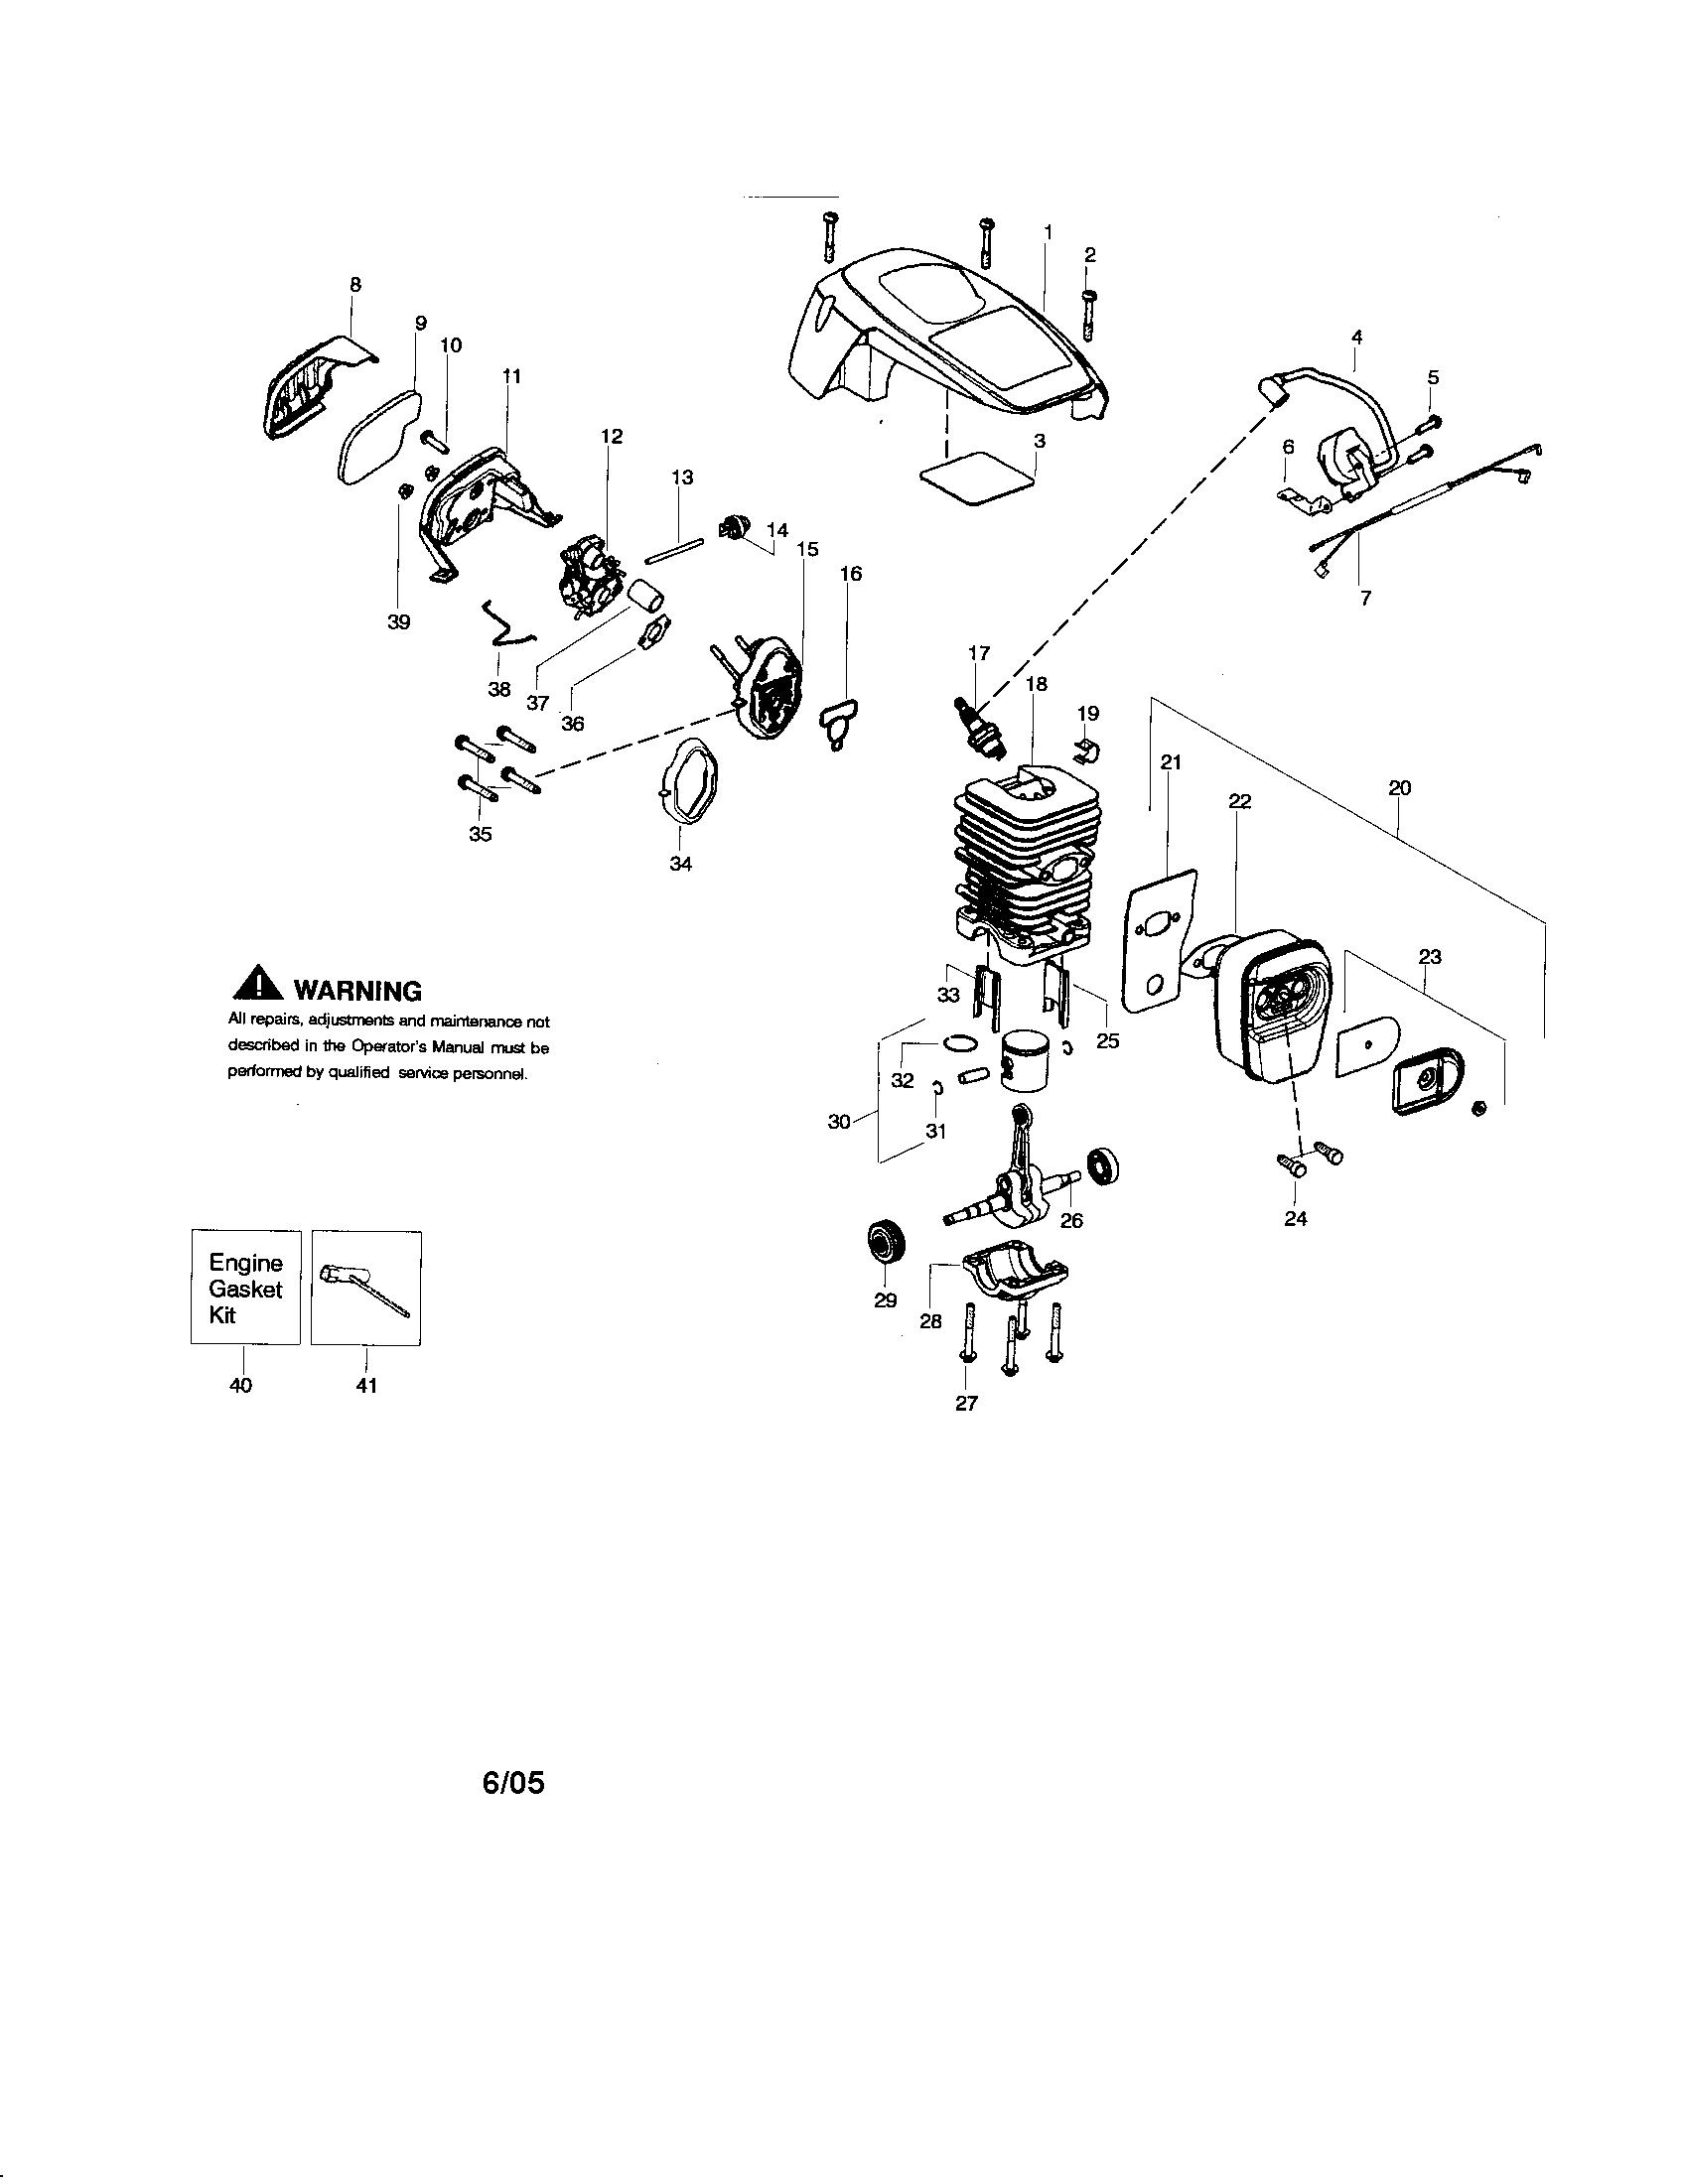 poulan chainsaw model p3416 manual